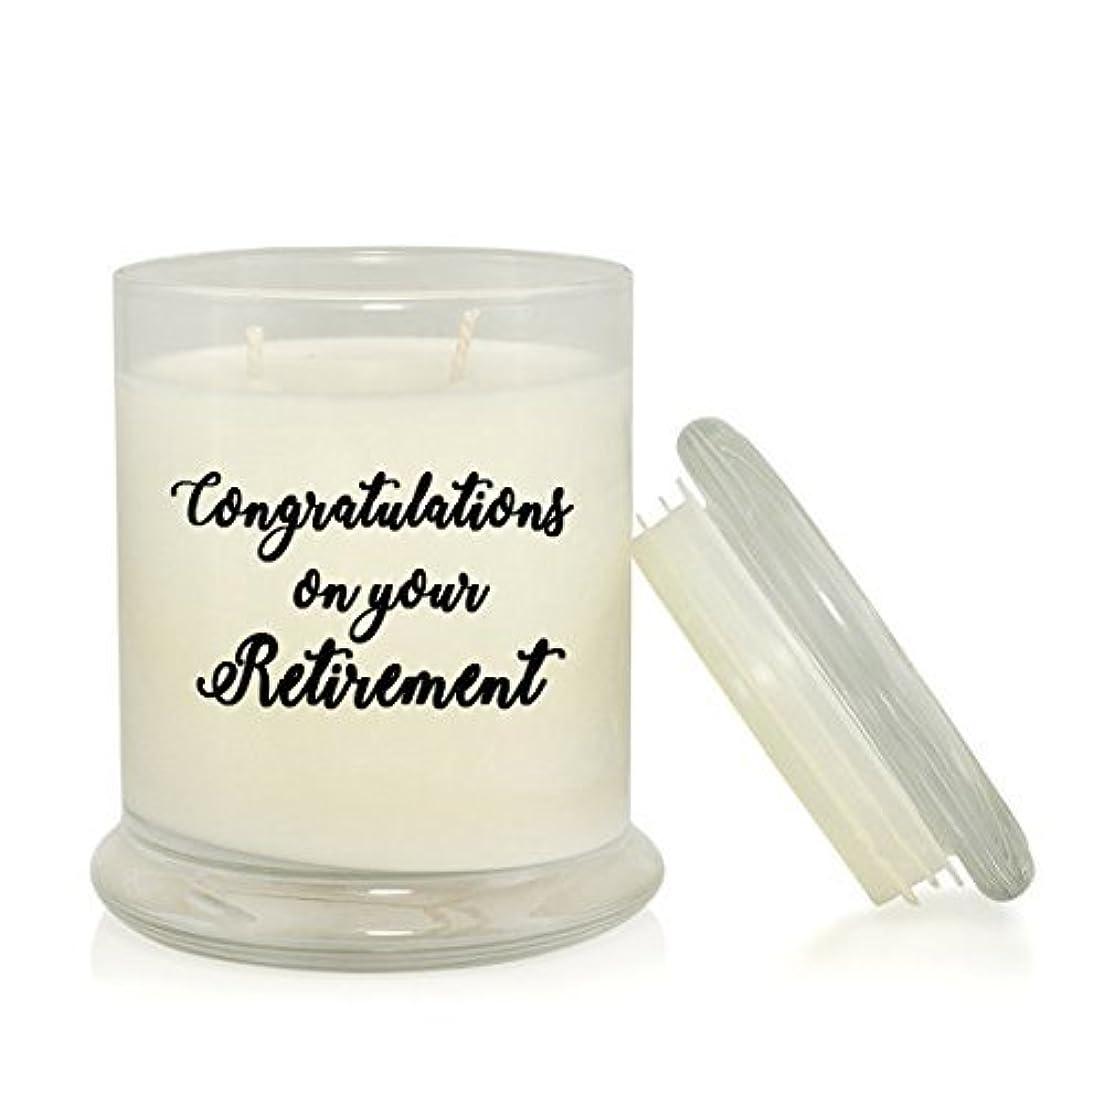 収束する回答図Congratulations on Your Retirement 8.5 oz Soy Candle - Retirement Gift - Very Vanilla Scented [並行輸入品]